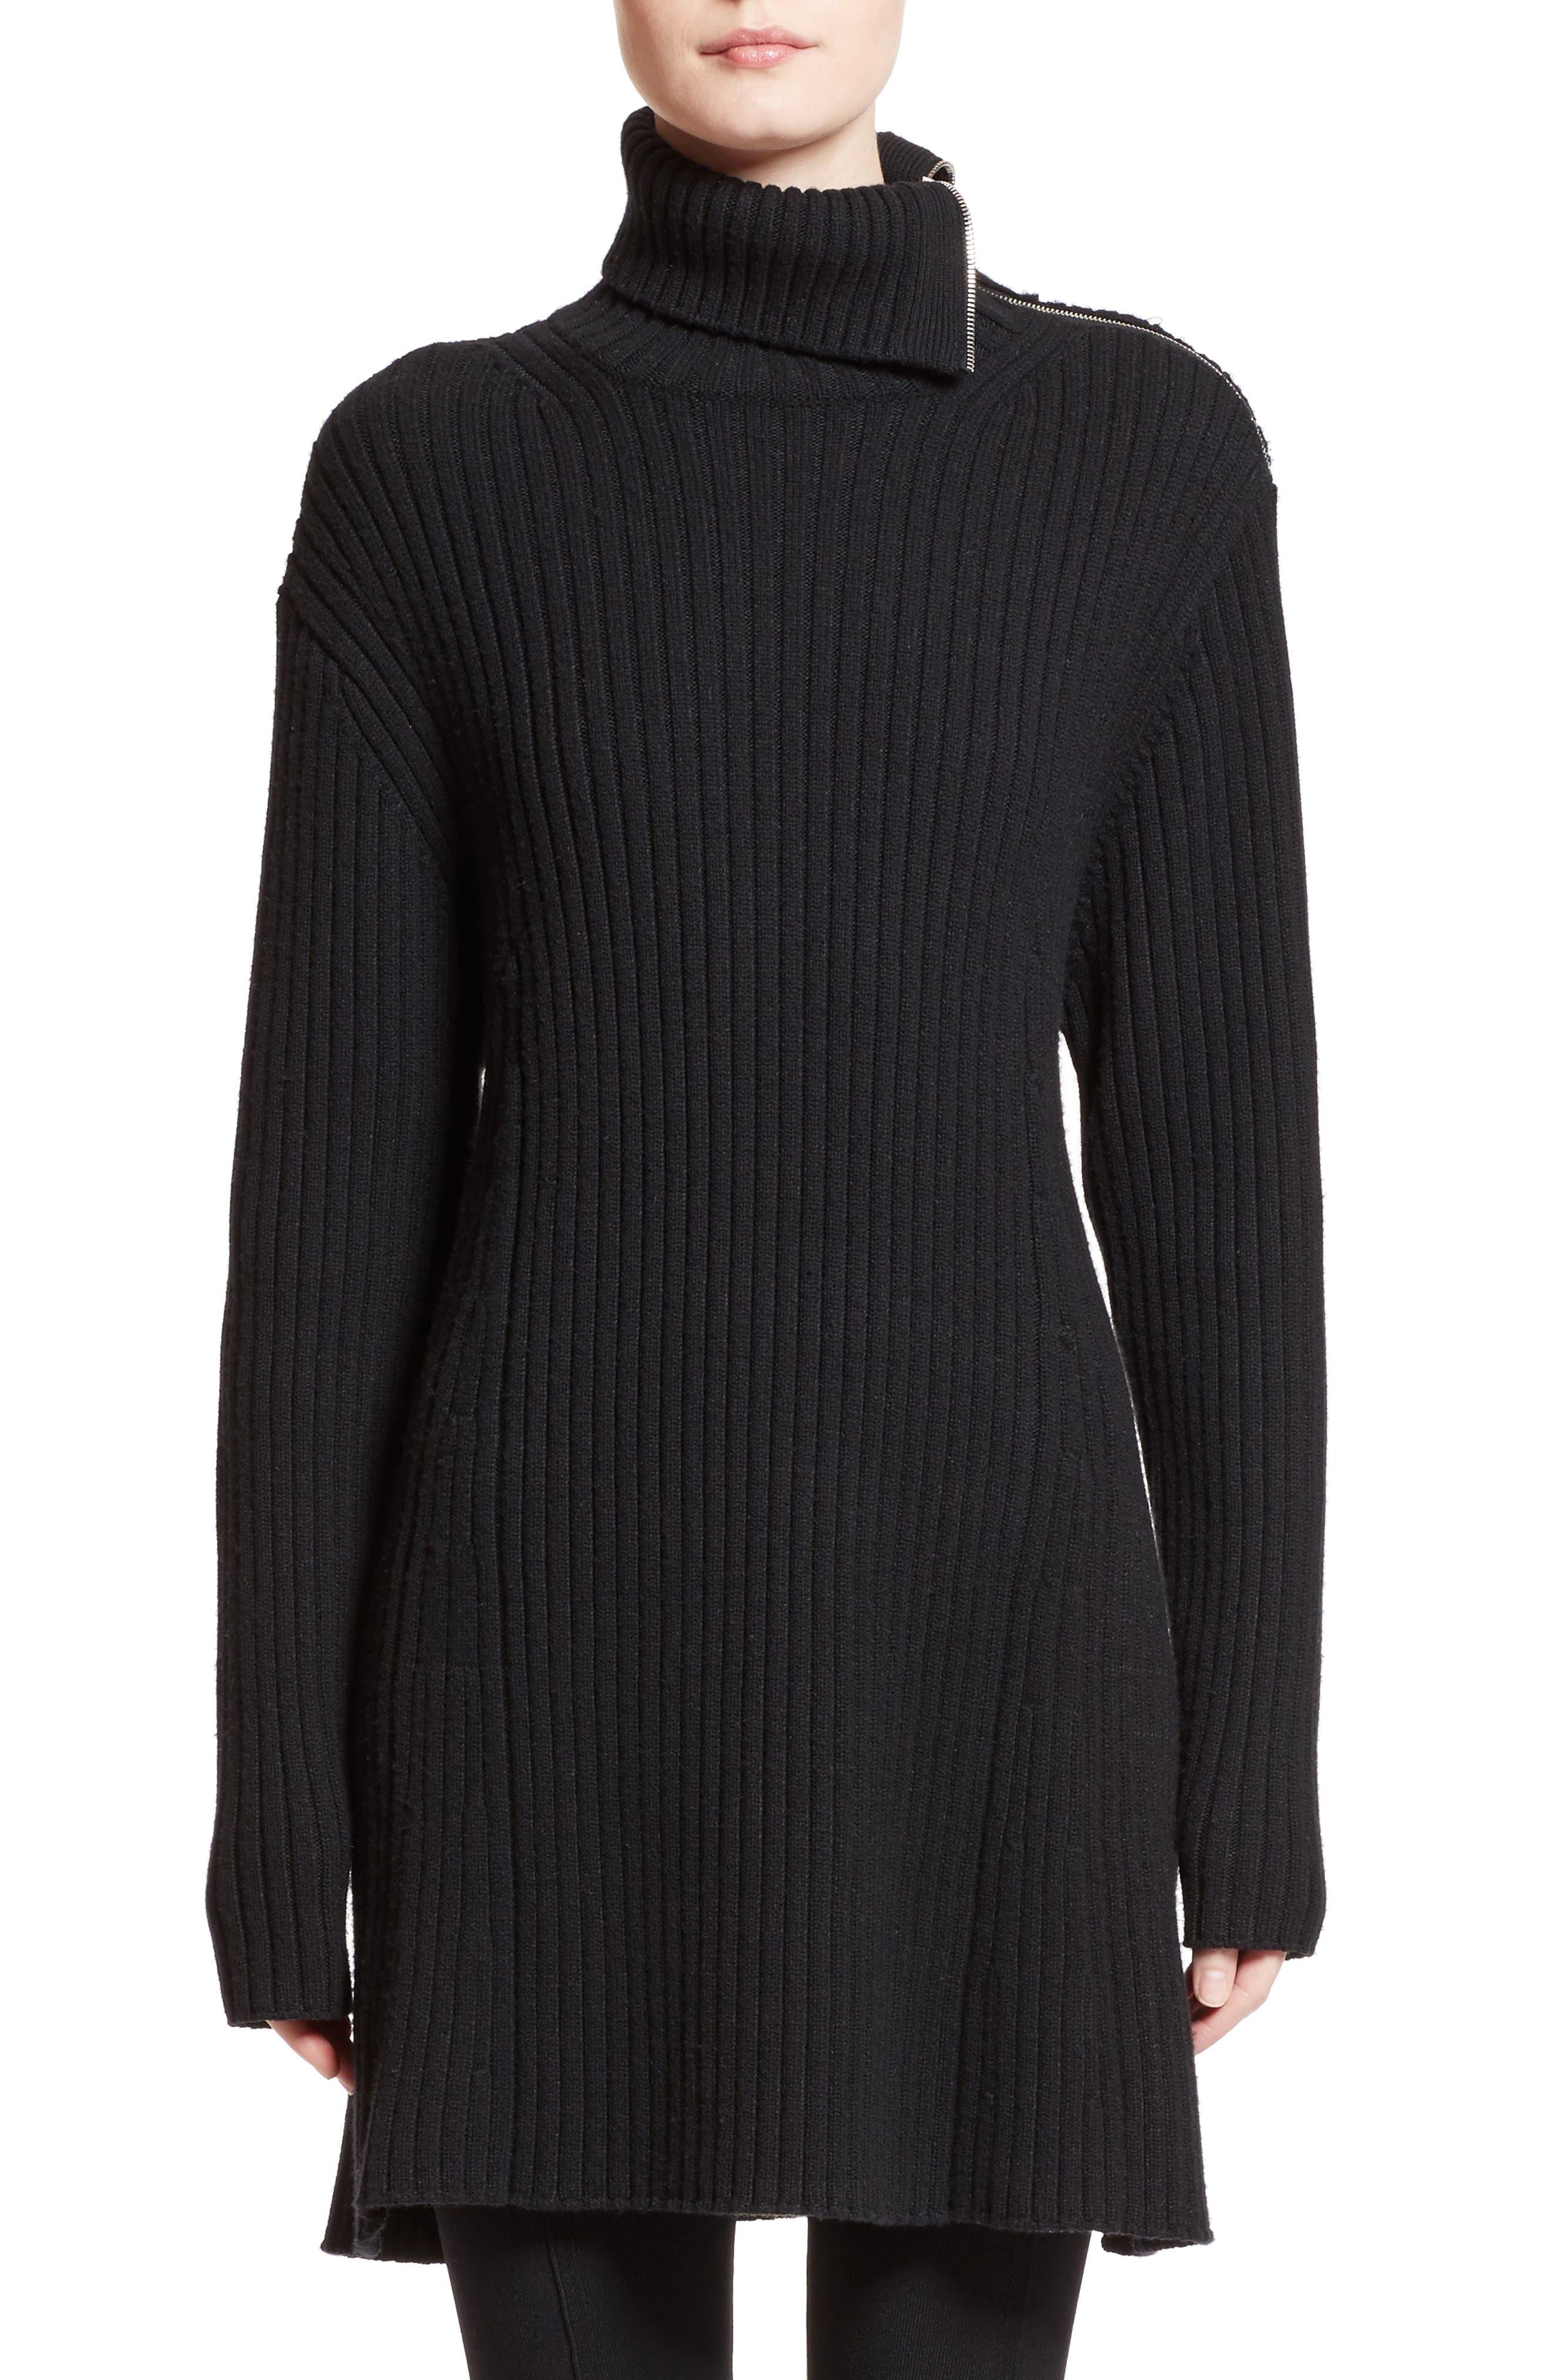 Wool & Cashmere Blend Turtleneck Dress,                             Main thumbnail 1, color,                             001